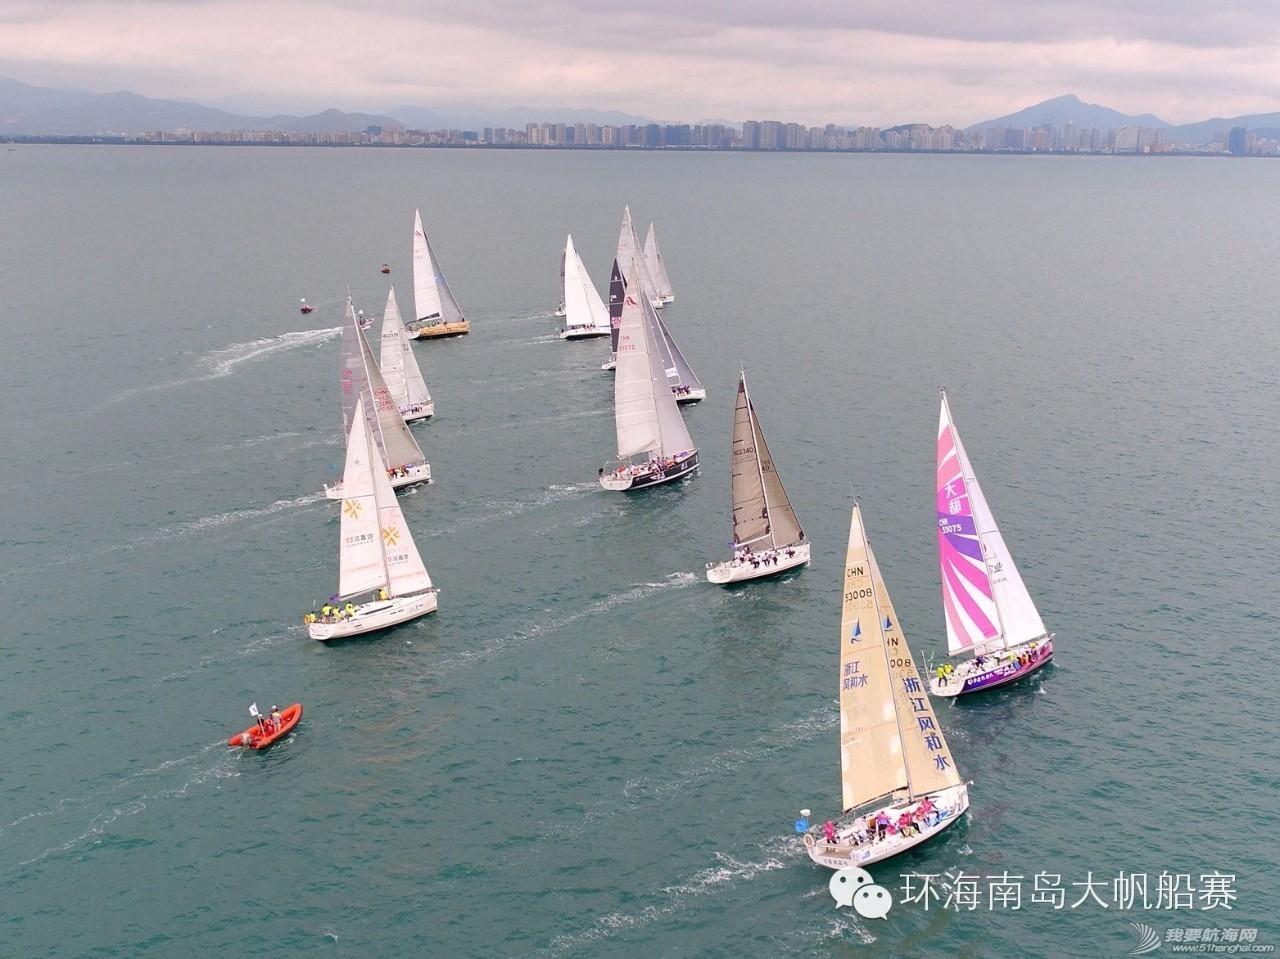 2016海帆赛精彩照片集锦(2) d044a12713b641890767b7bc6f2b6441.jpg